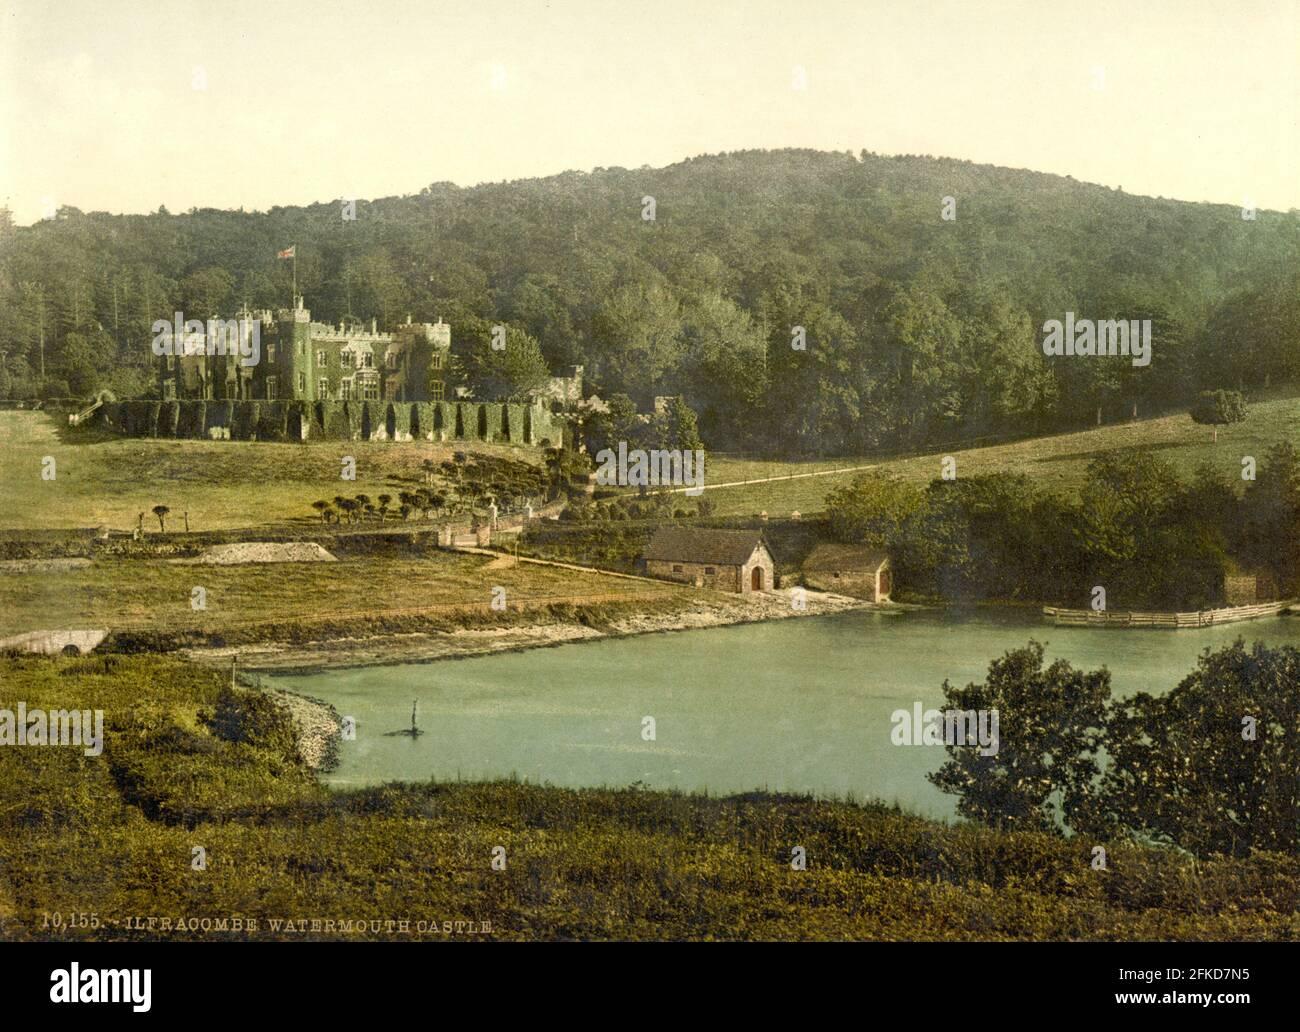 Castello di Watermouth, Ilfracombe, Devon circa 1890-1900 Foto Stock